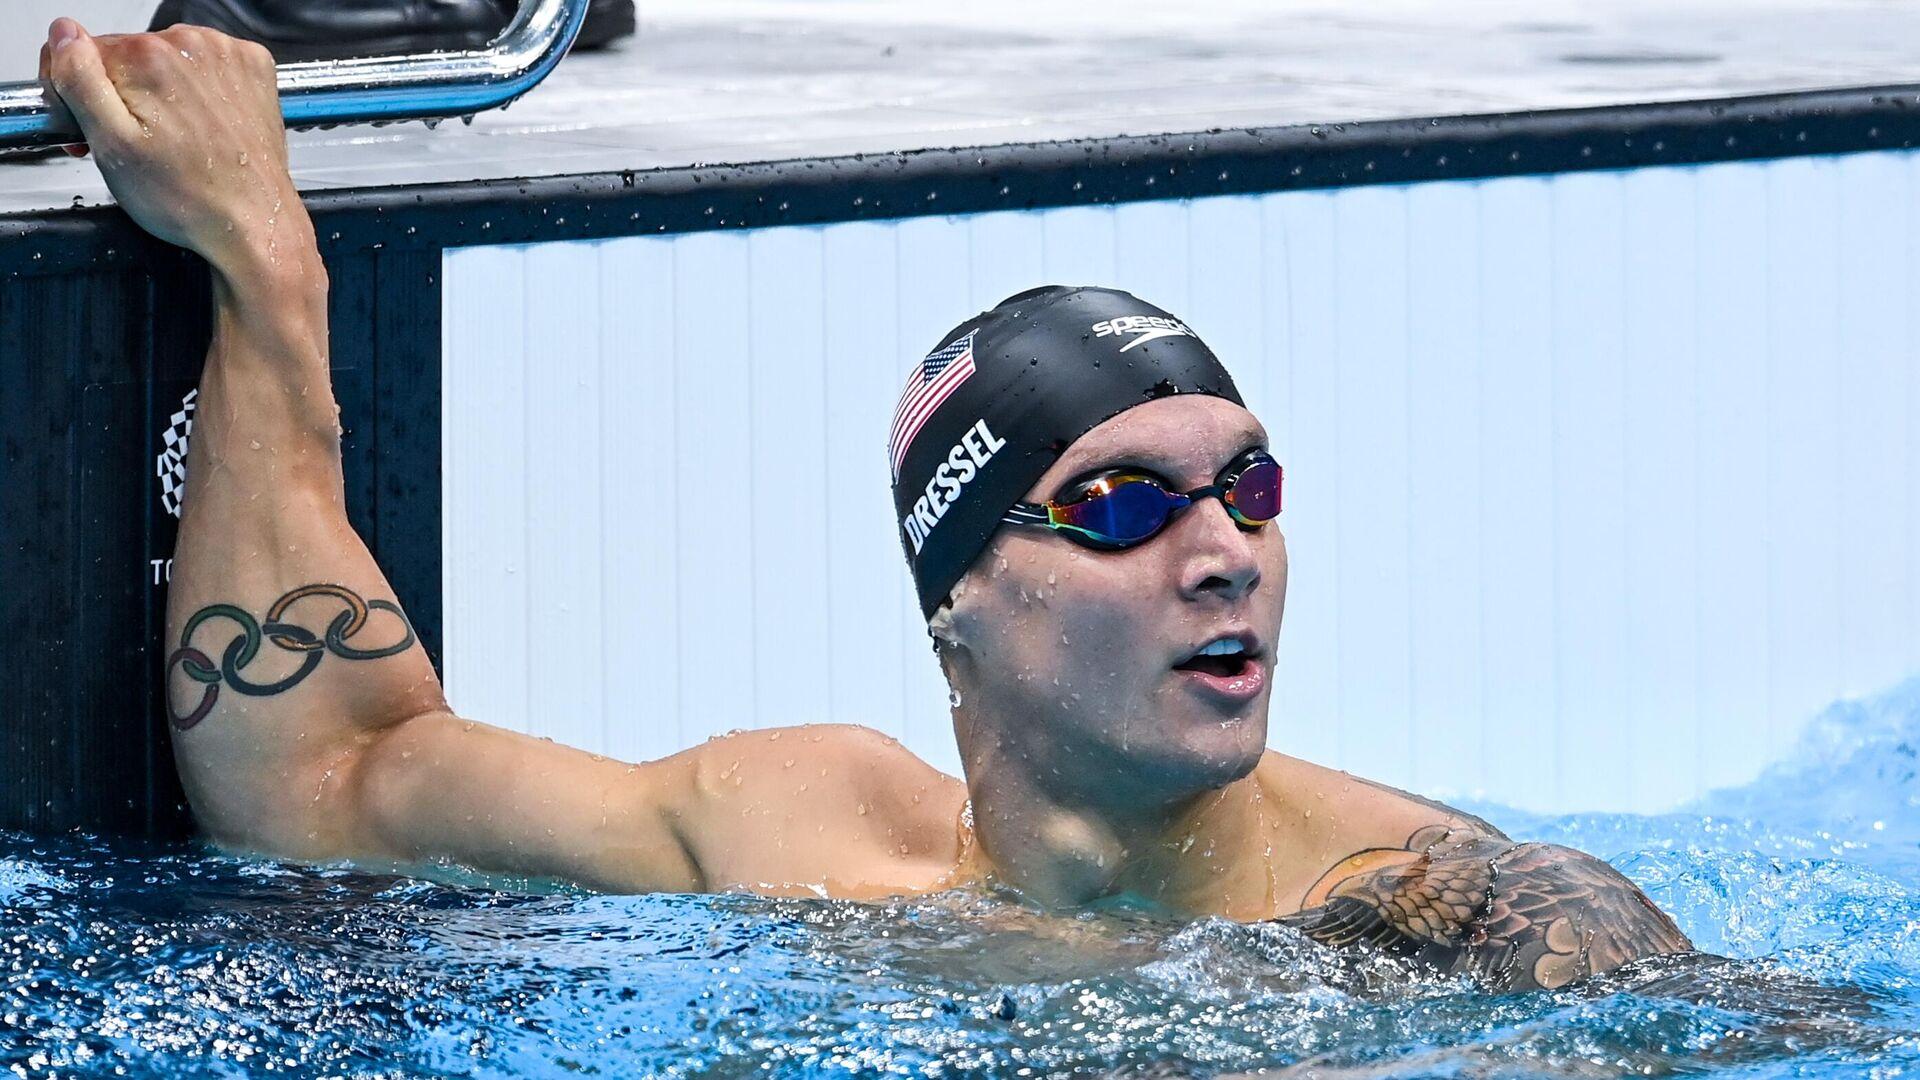 Олимпиада-2020. Плавание. Седьмой день - РИА Новости, 1920, 01.08.2021